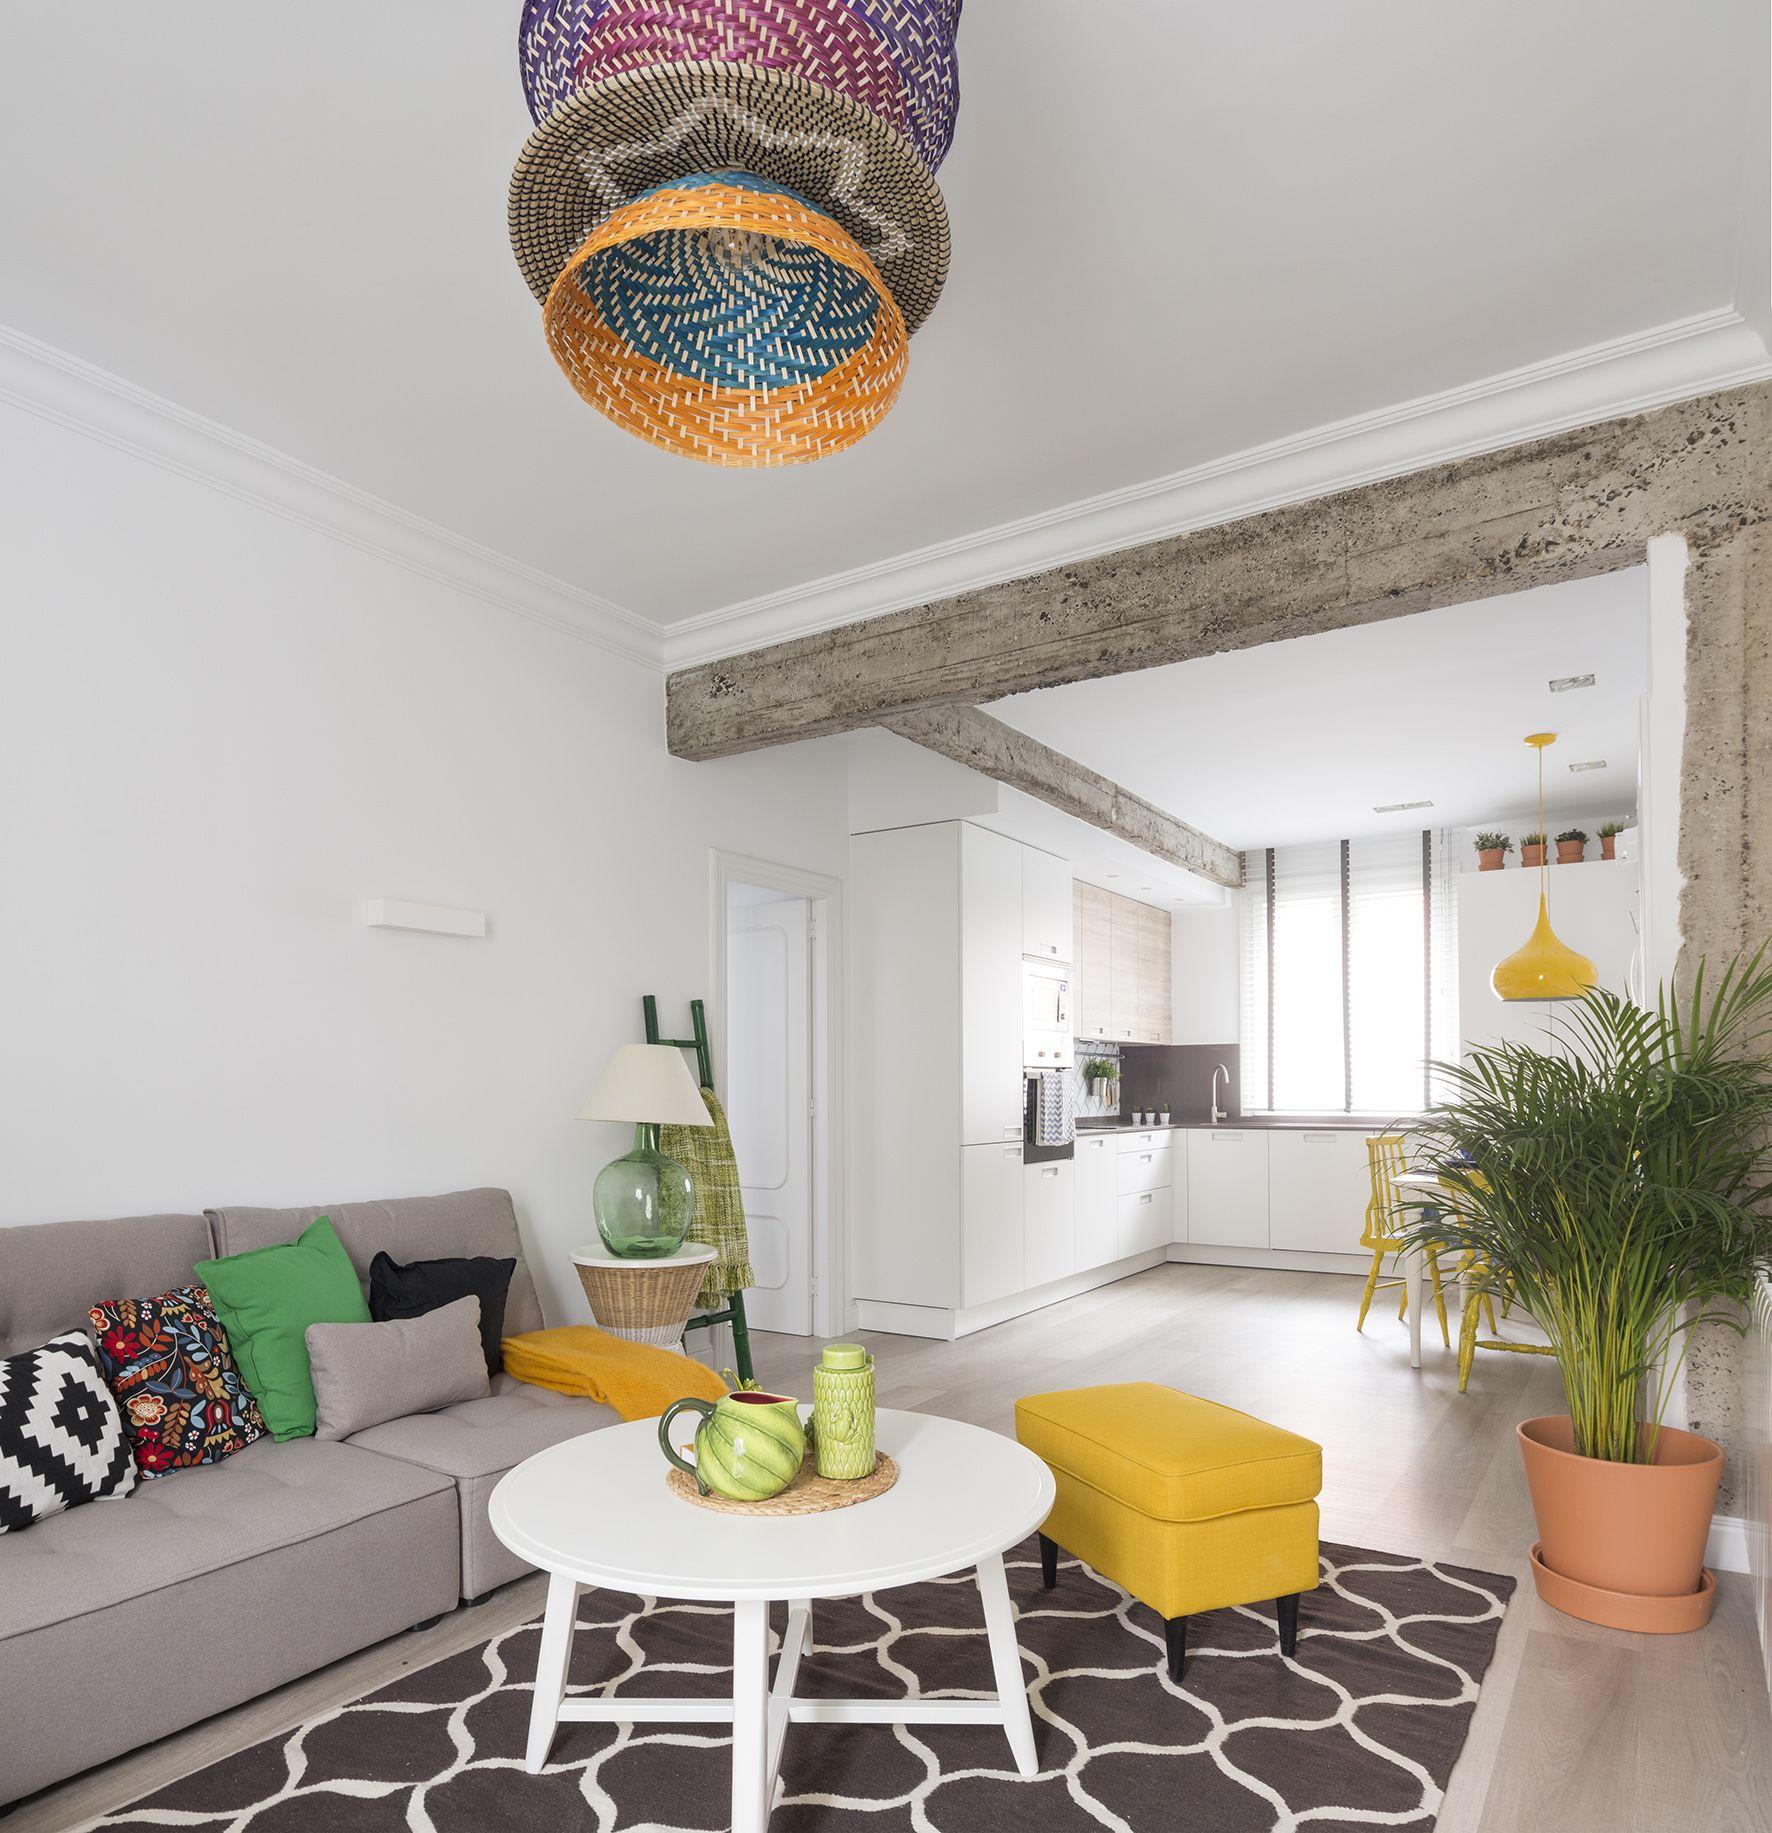 la Salón Zubizarreta diseñado Interiorismo Natalia por en 8wPOknN0X